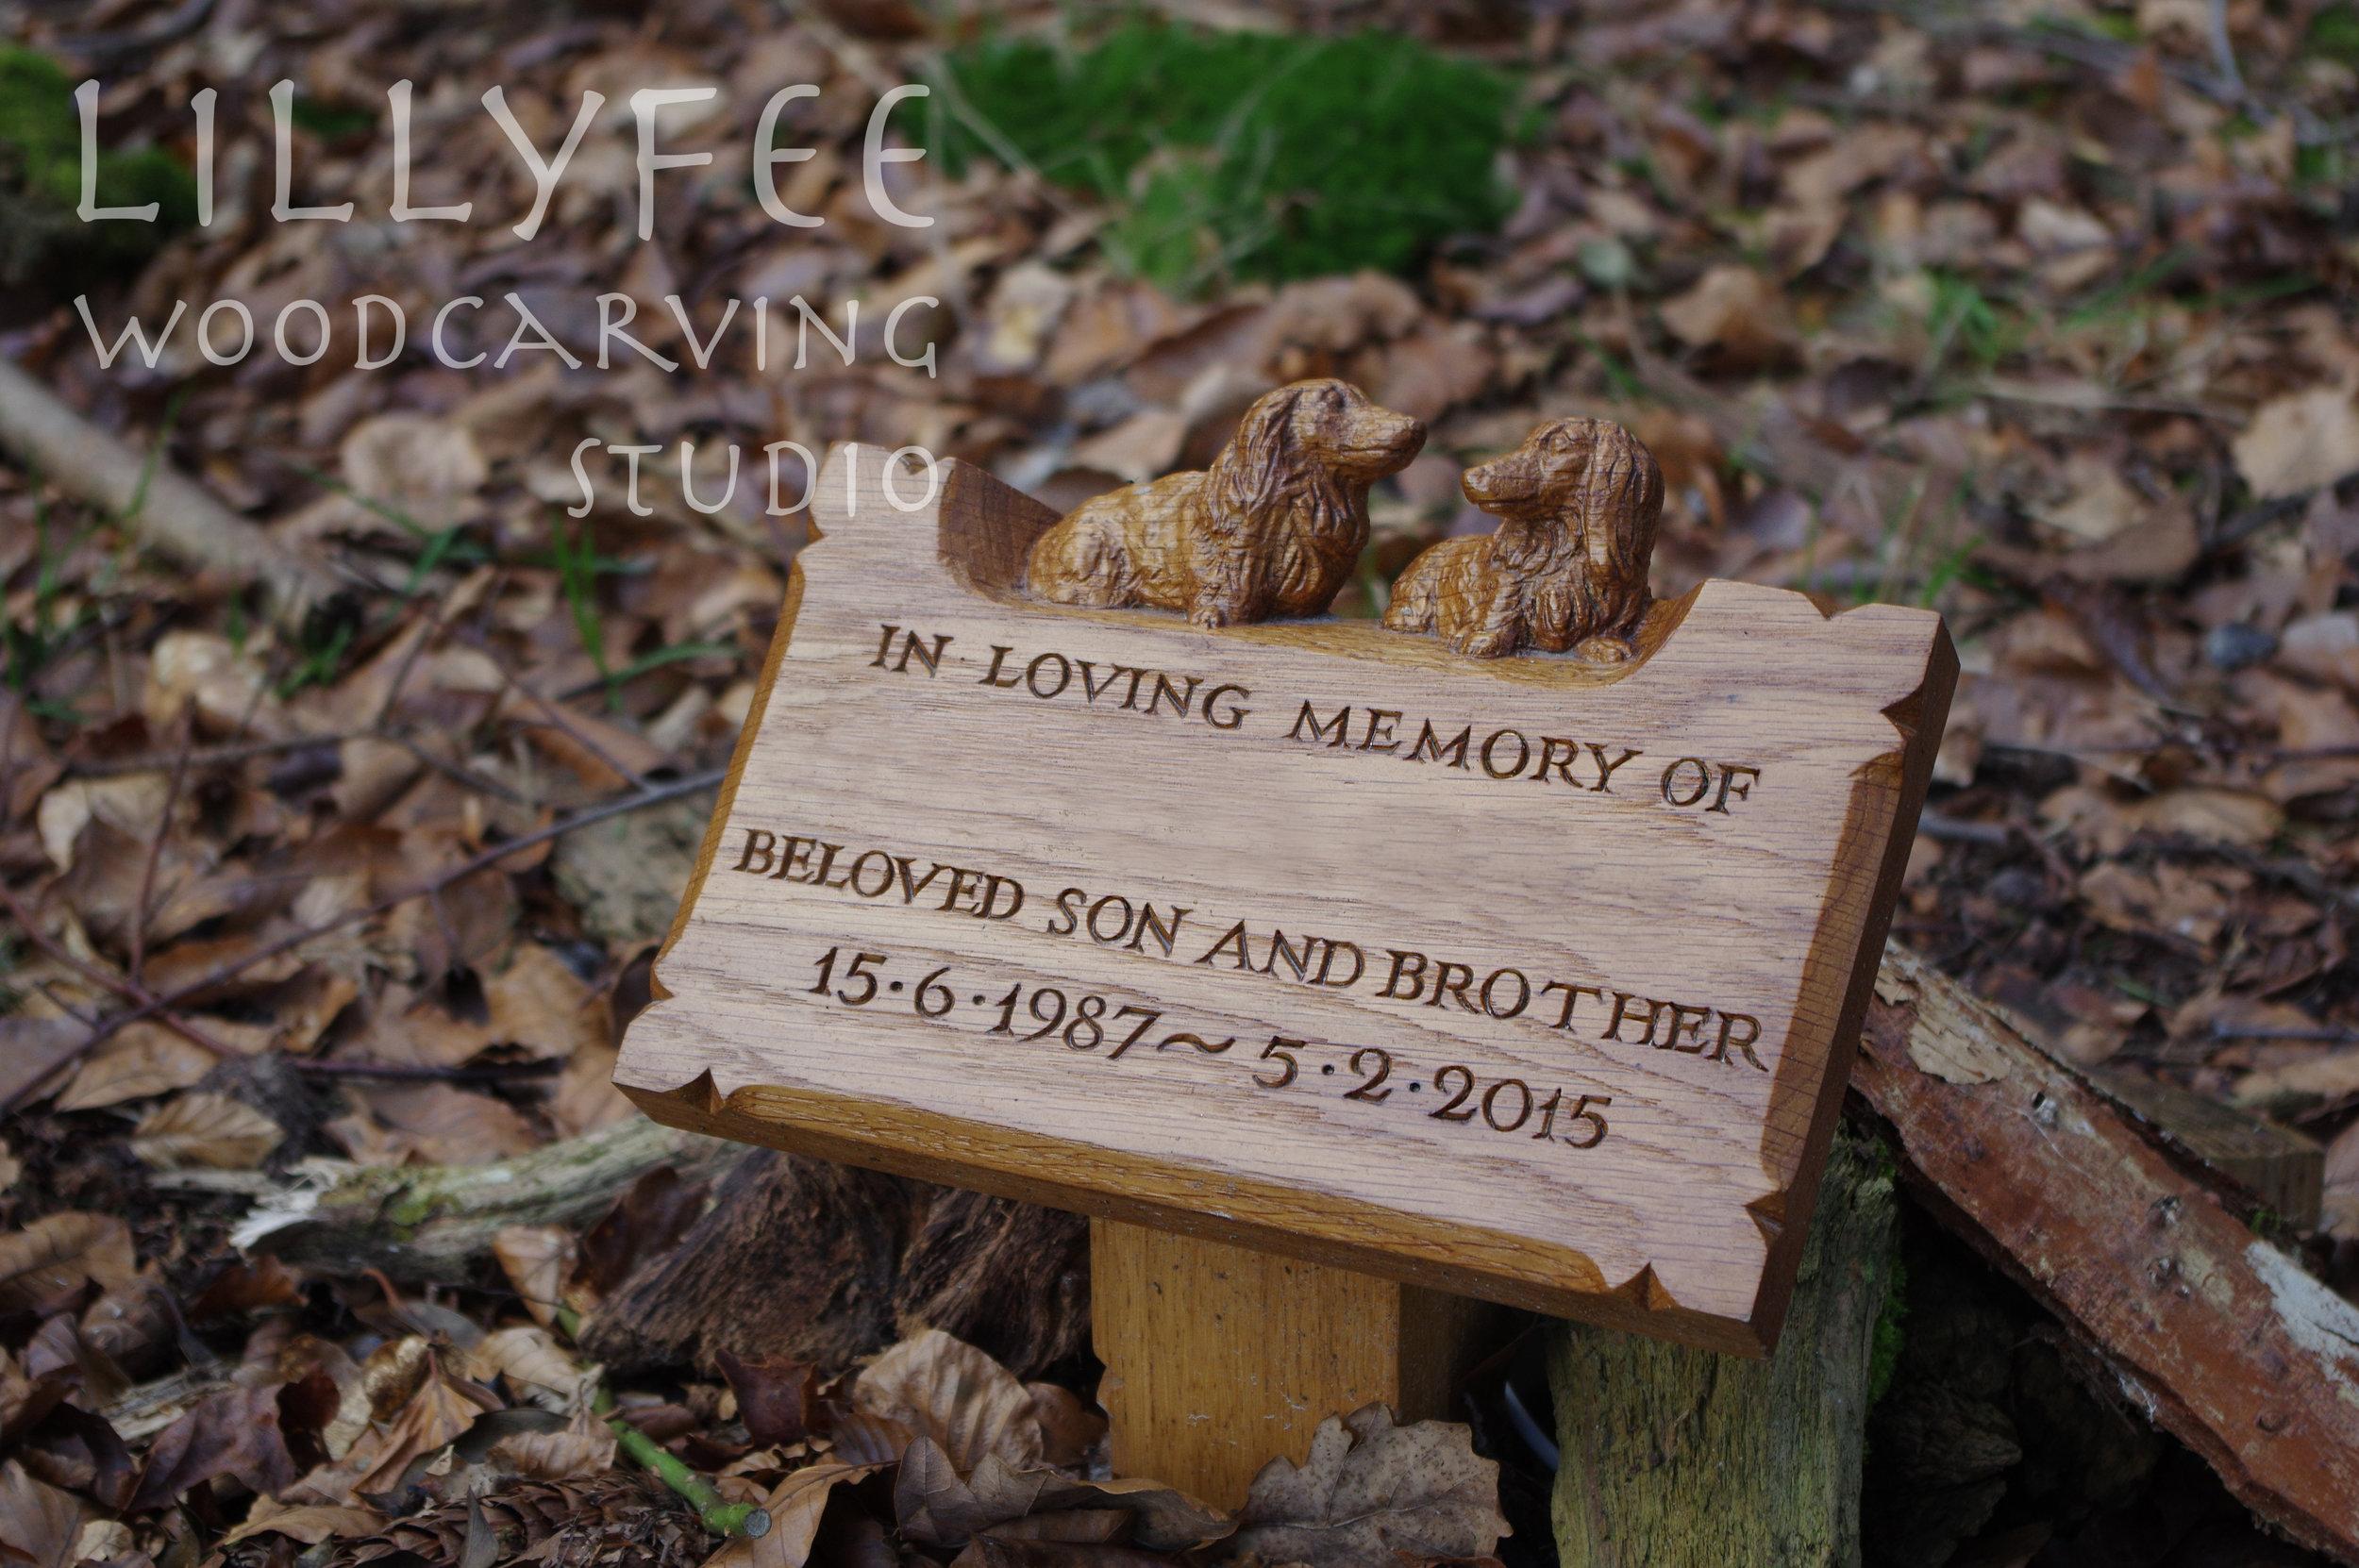 dauchards memorial editted.jpg